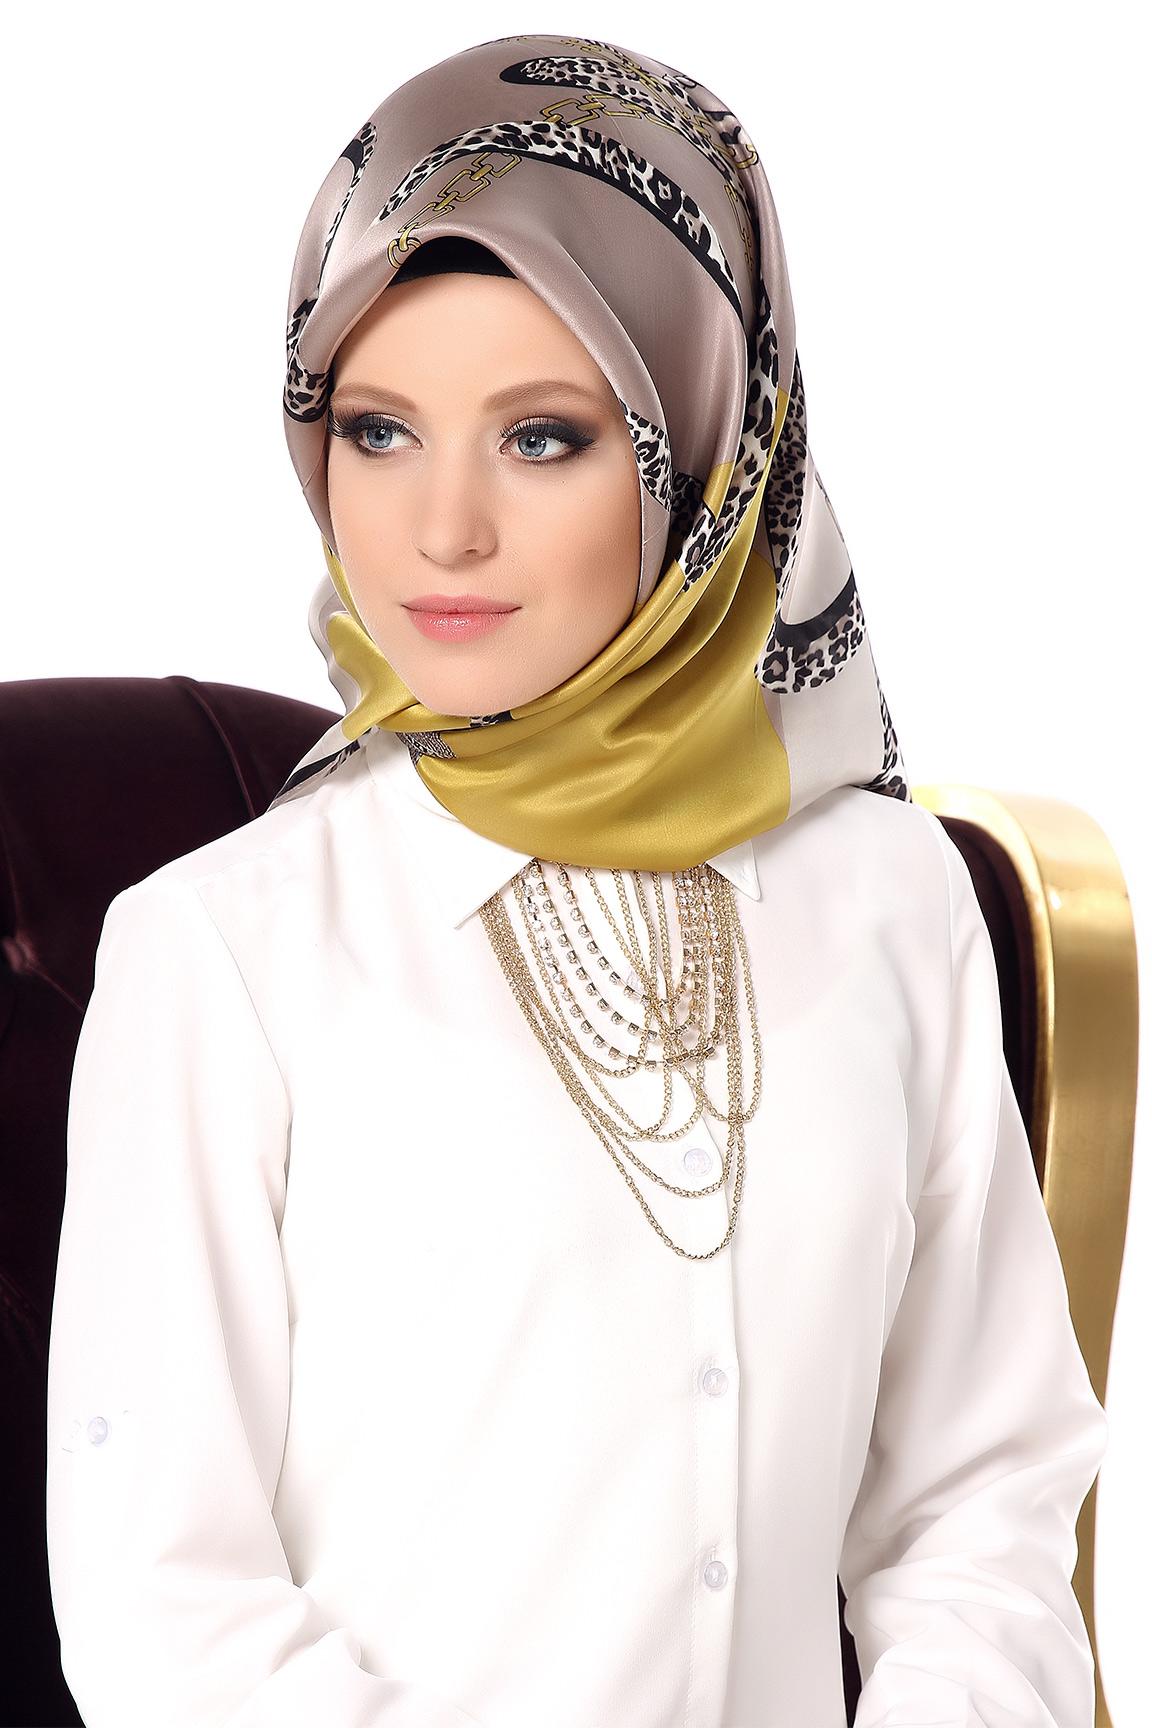 بالصور موديلات حجابات تركية صيفية , للجمال اسباب والحجاب الجميل احد اسبابه 170 8